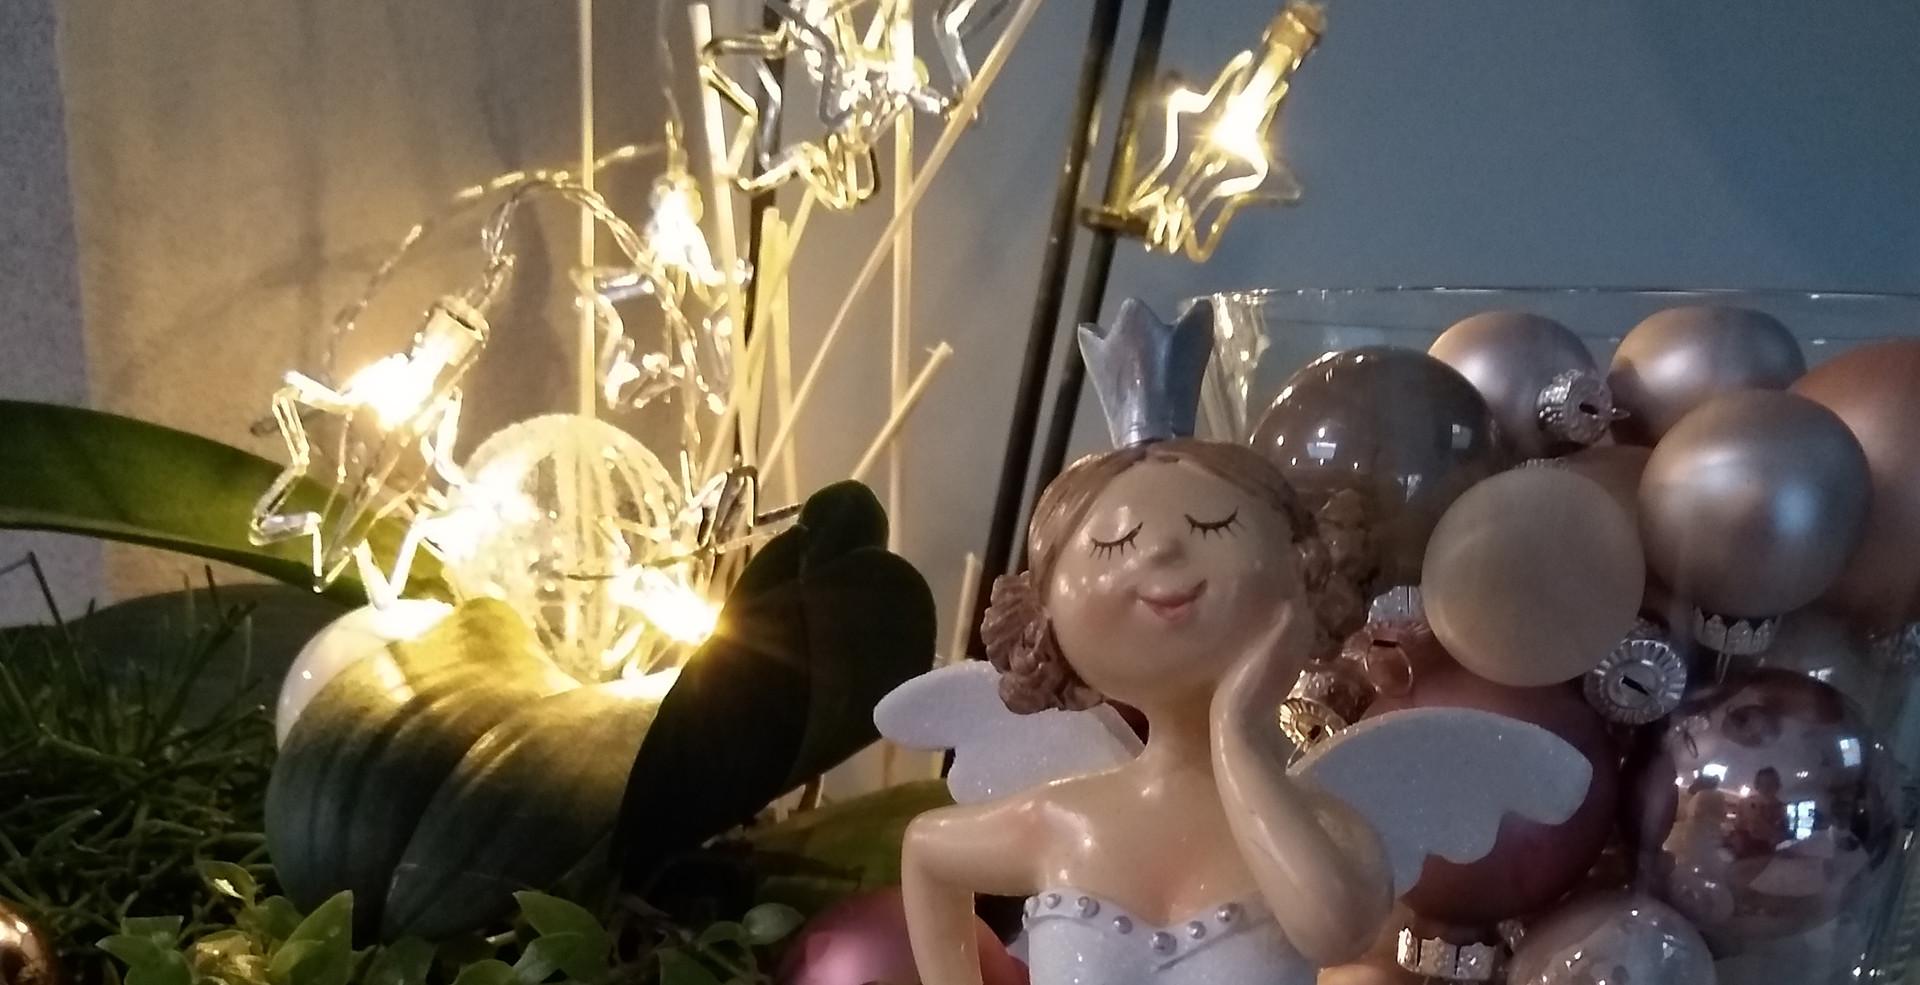 Deko_Weihnachten1.jpg